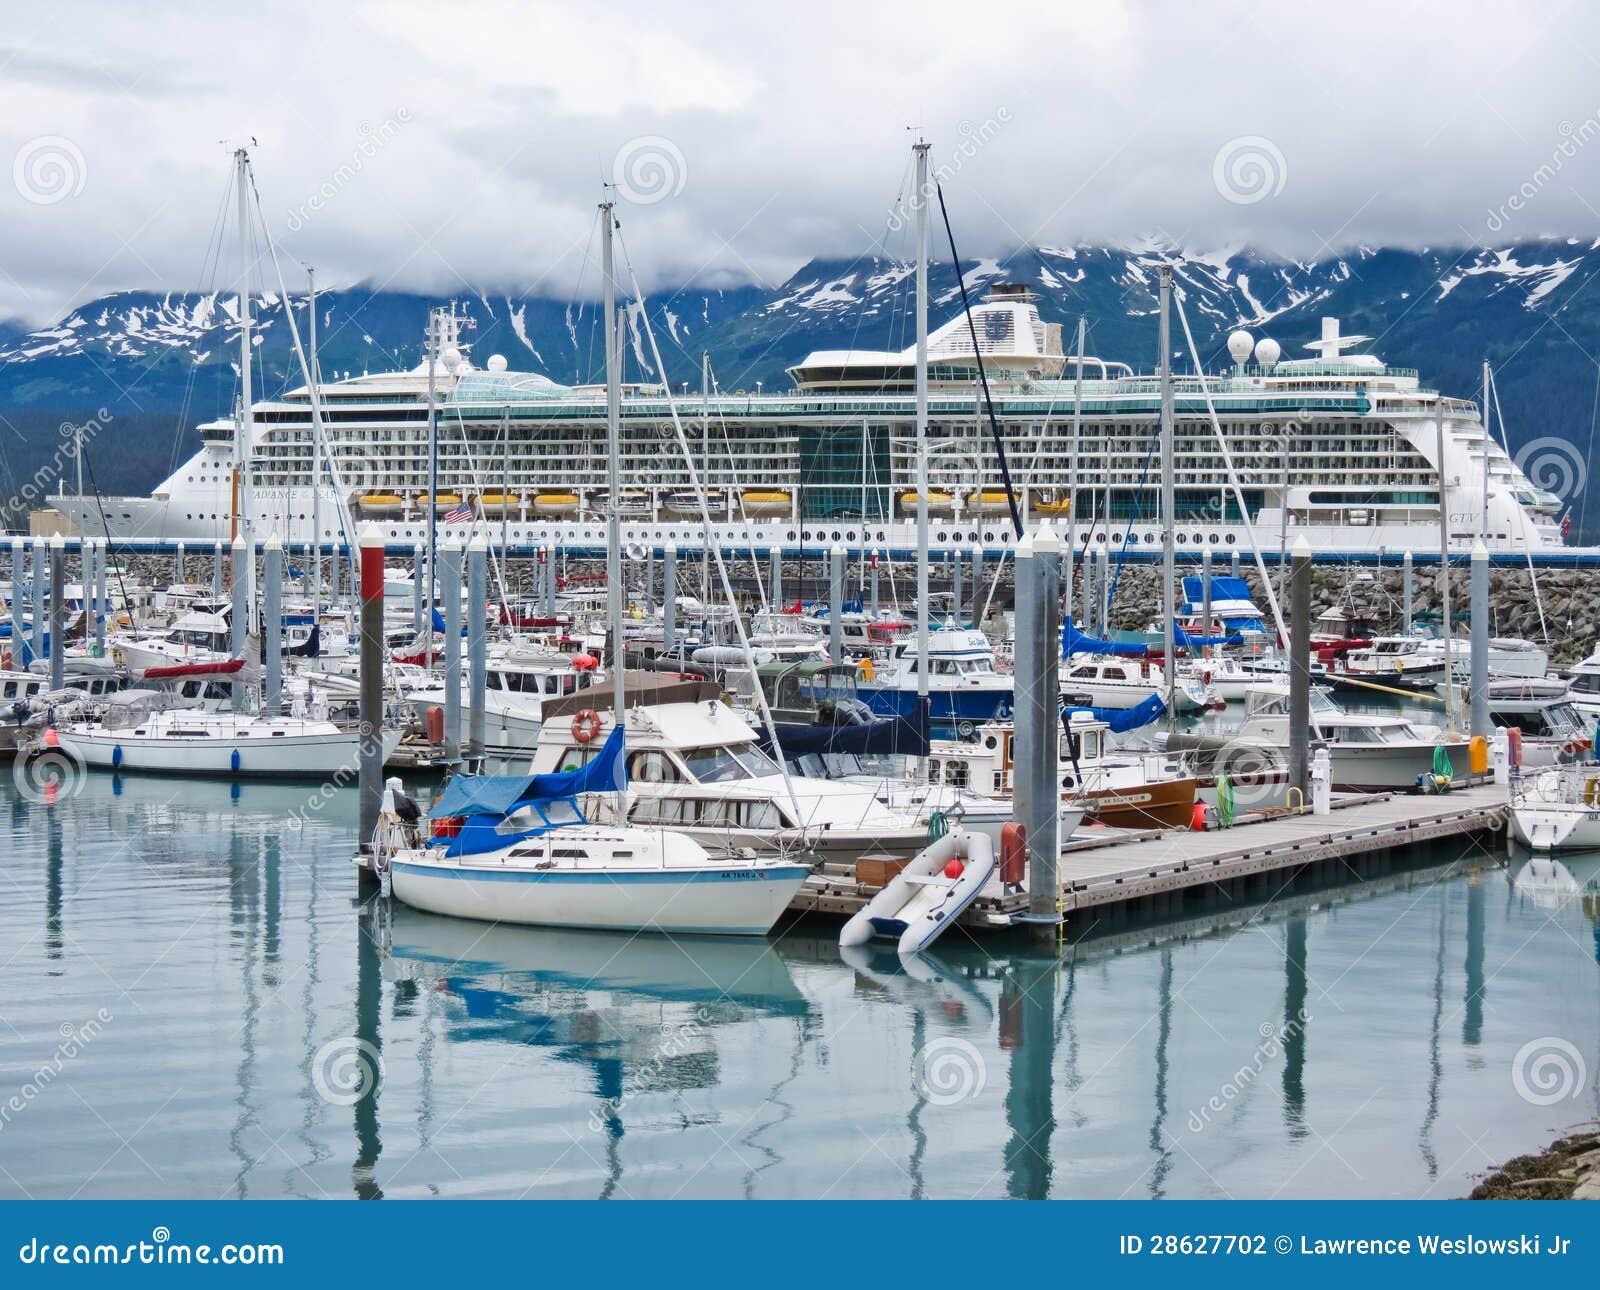 Alaska Seward Small Boat Harbor And Cruise Ship Editorial